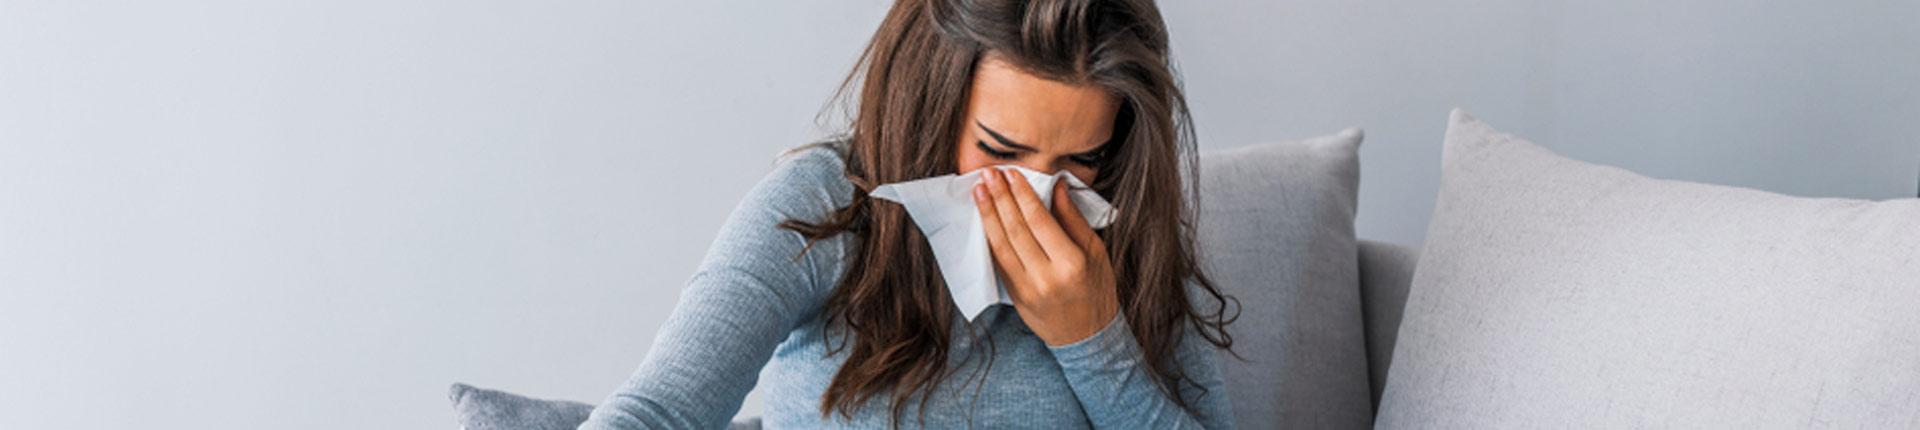 Jak przebiega przeziębienie? Etapy przeziębienia